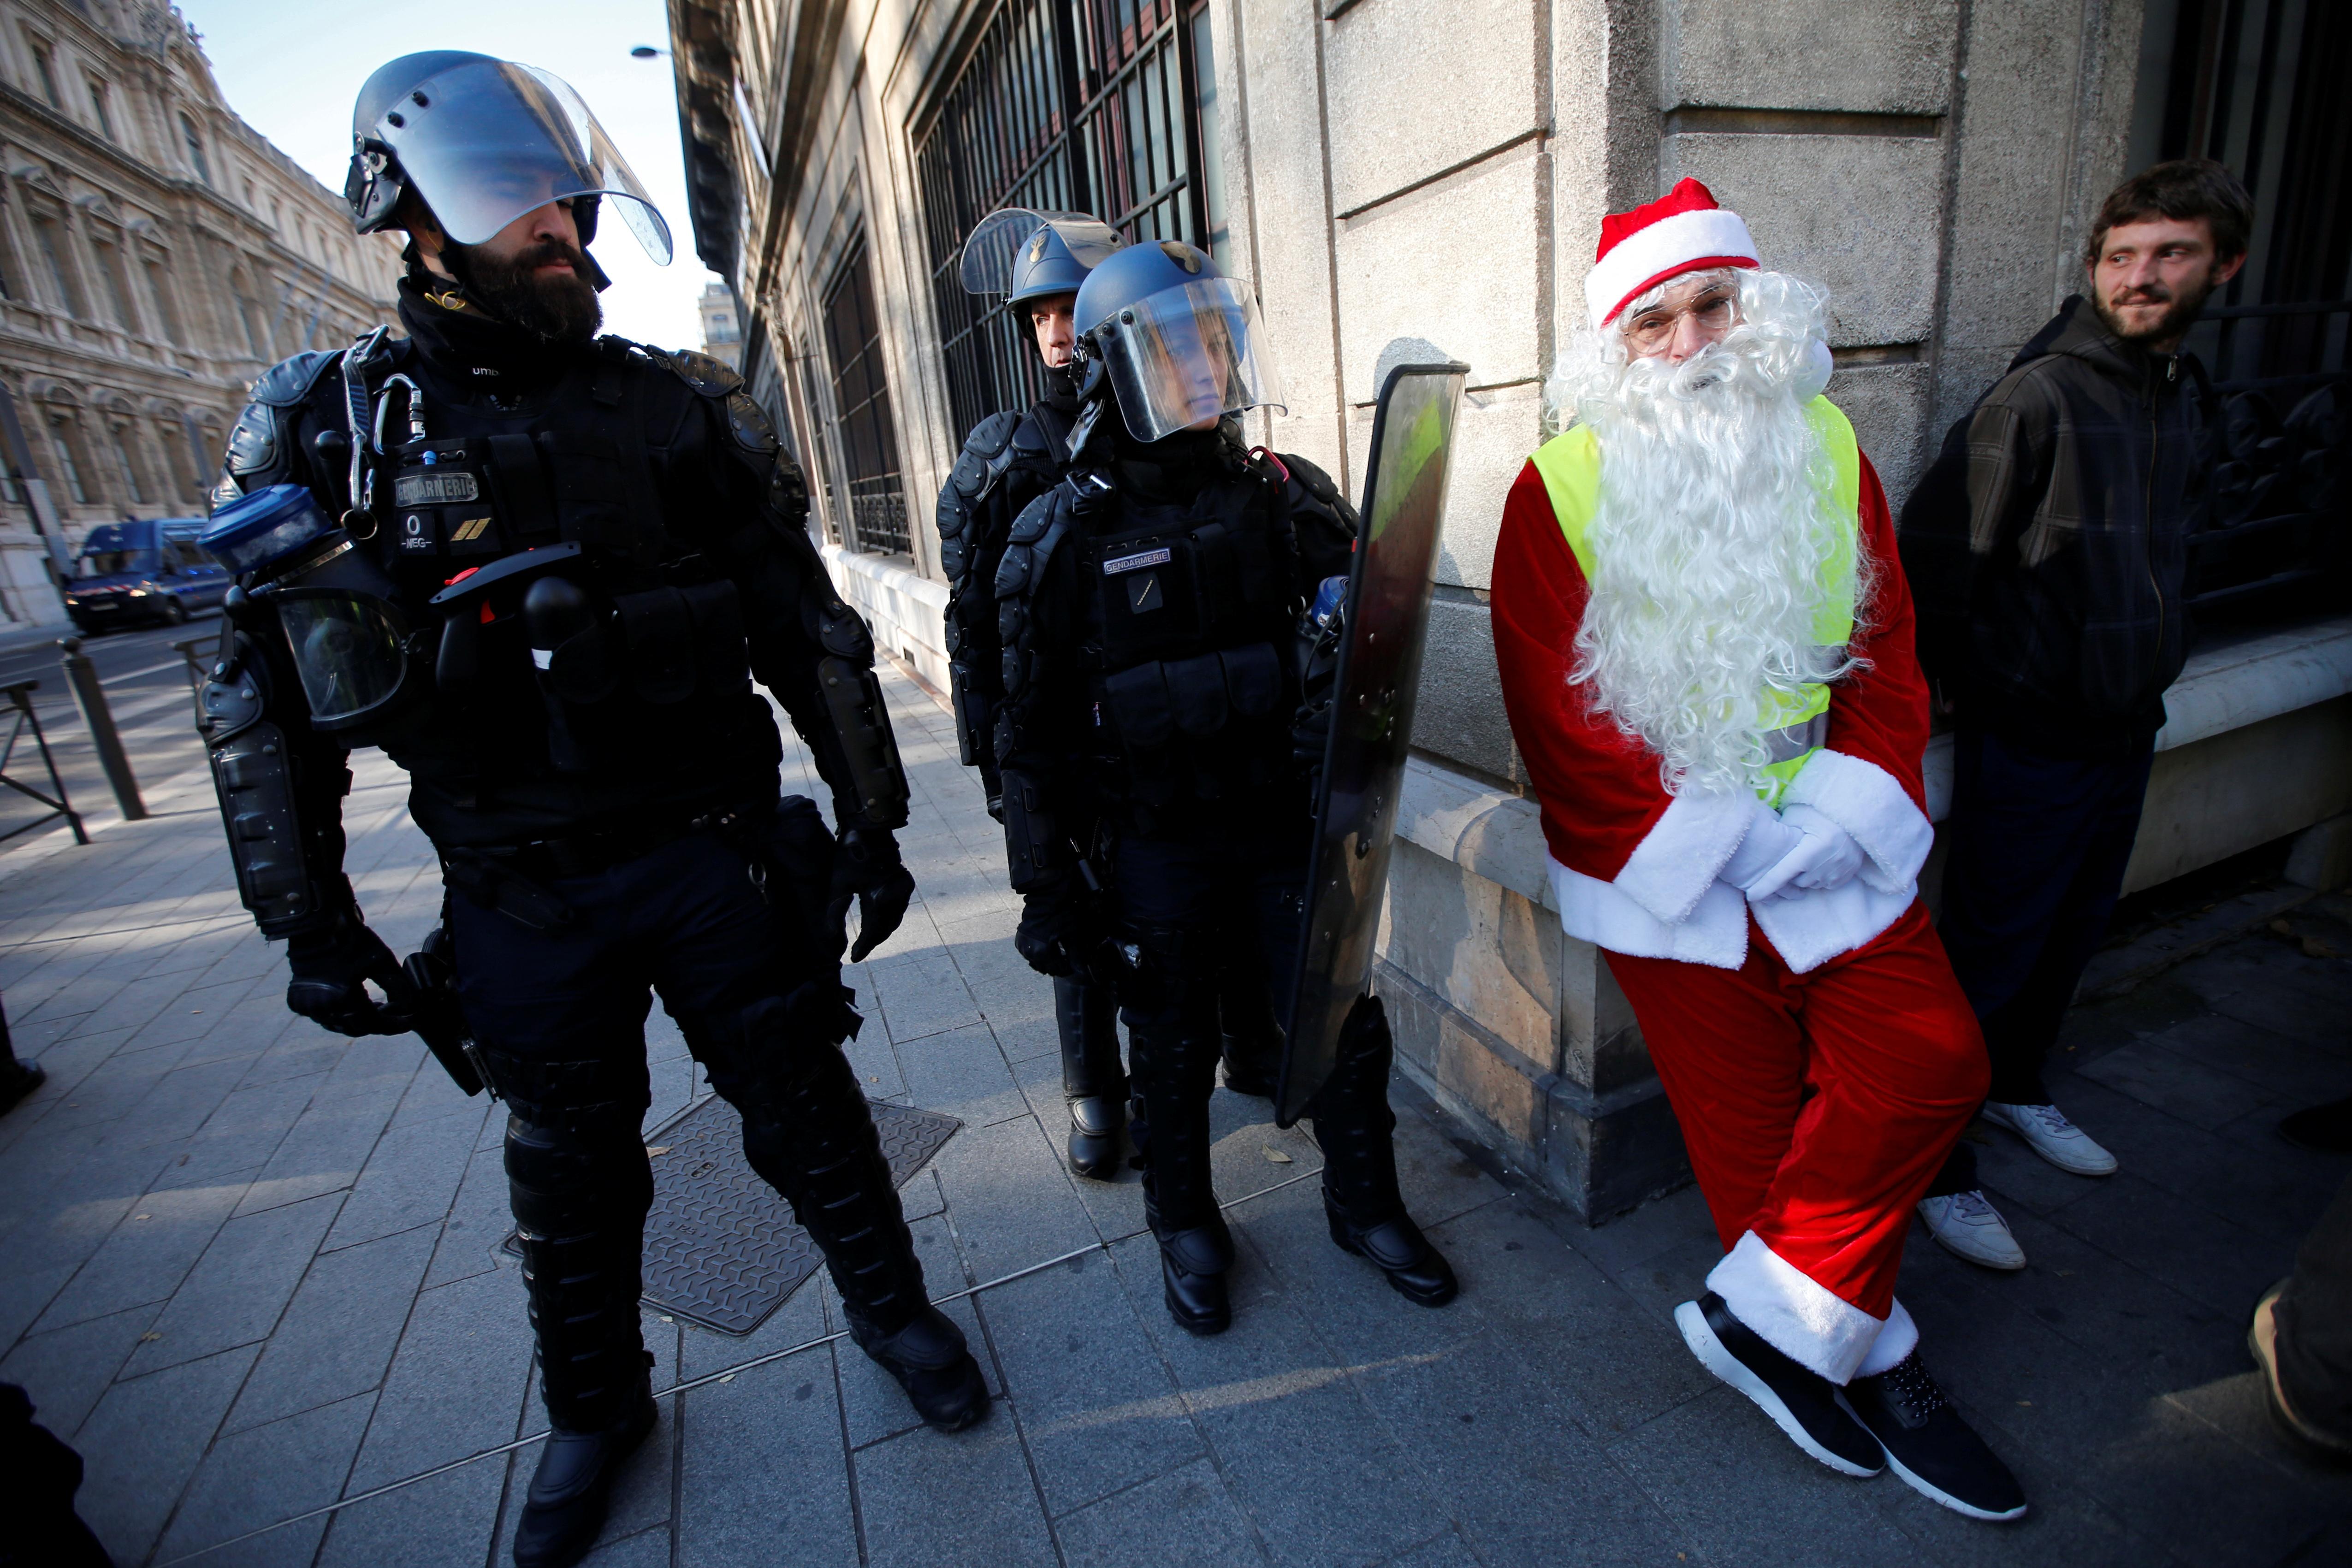 الشرطة وأحد مرتدي ملابس بابا نويل من المتظاهرين